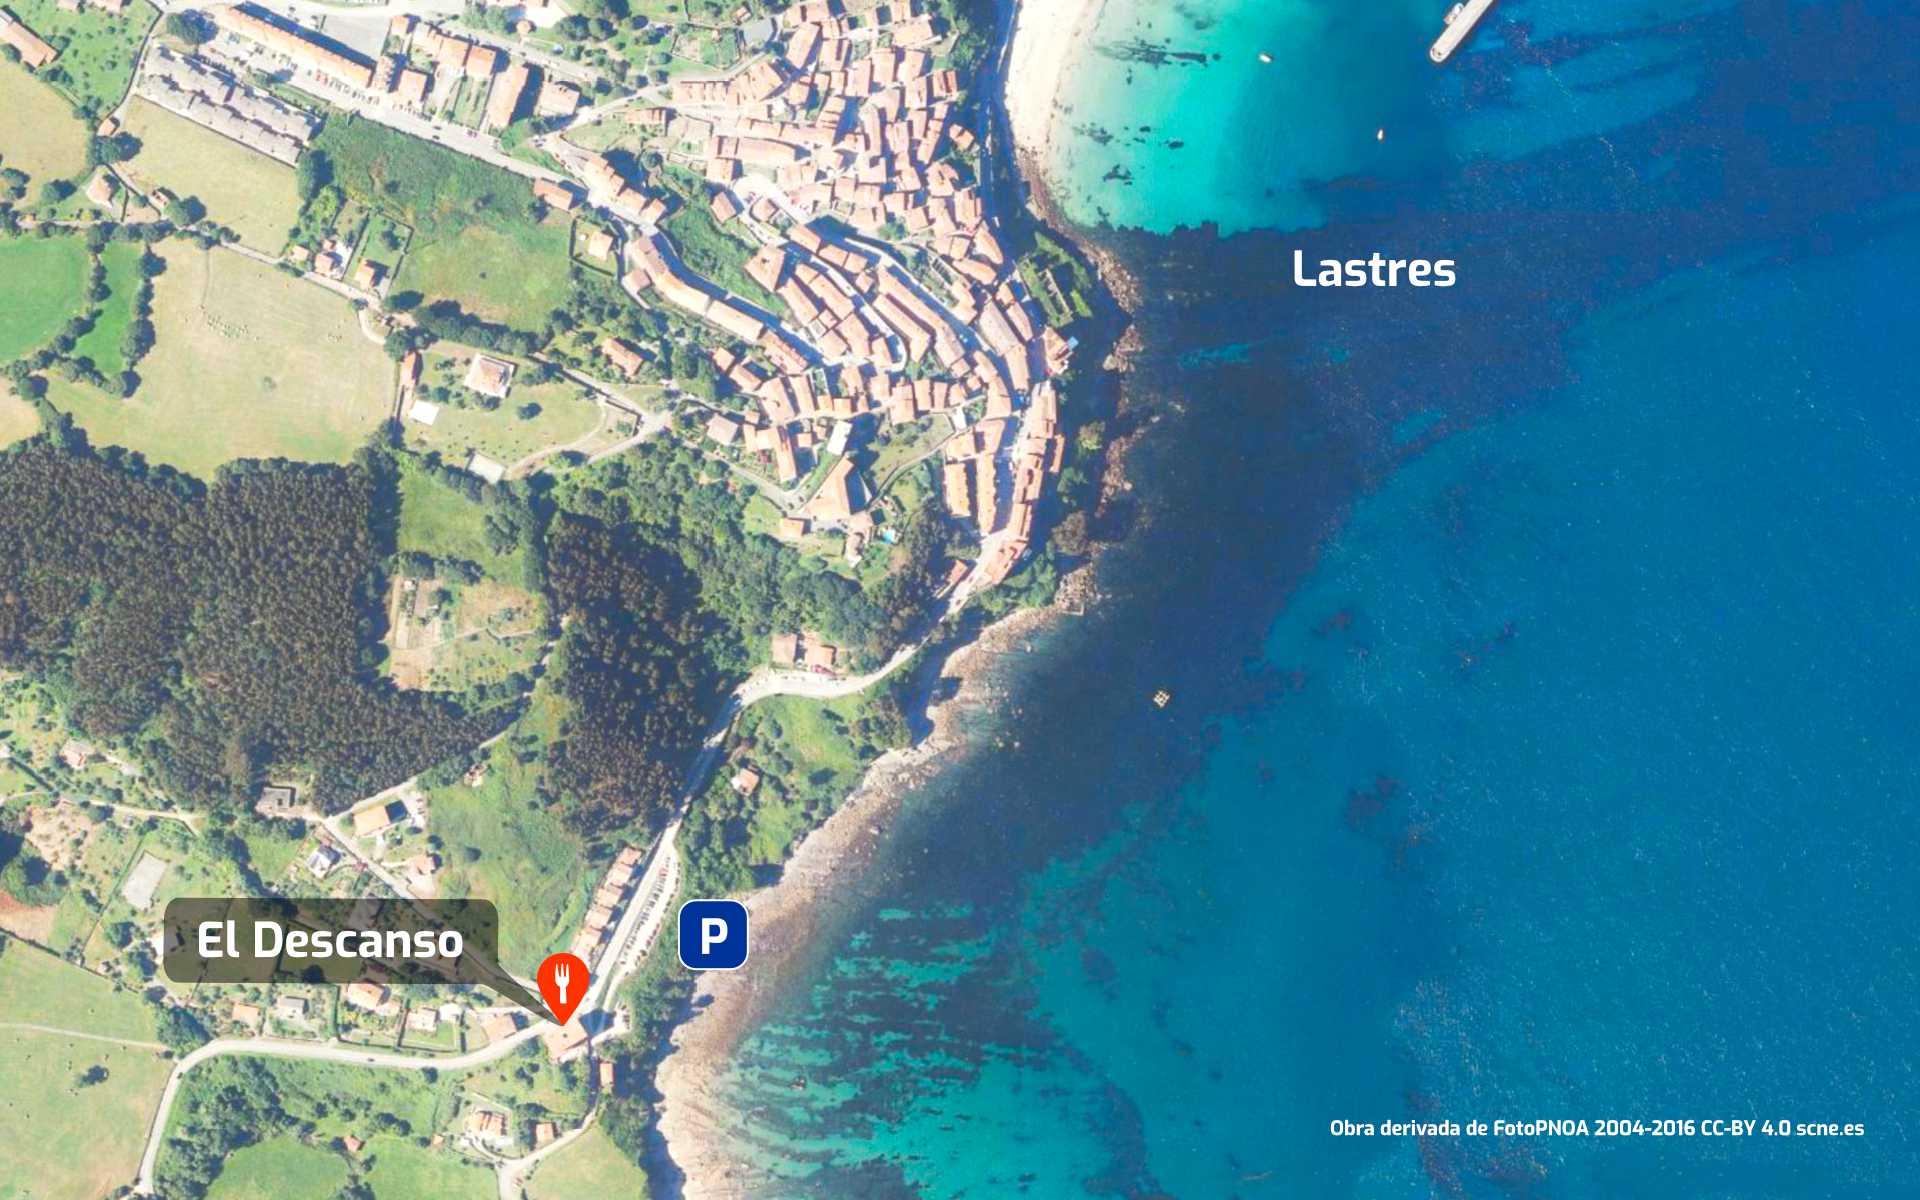 Mapa cómo llegar al restaurante Bar El Descanso en Lastres, Colunga, Asturias.